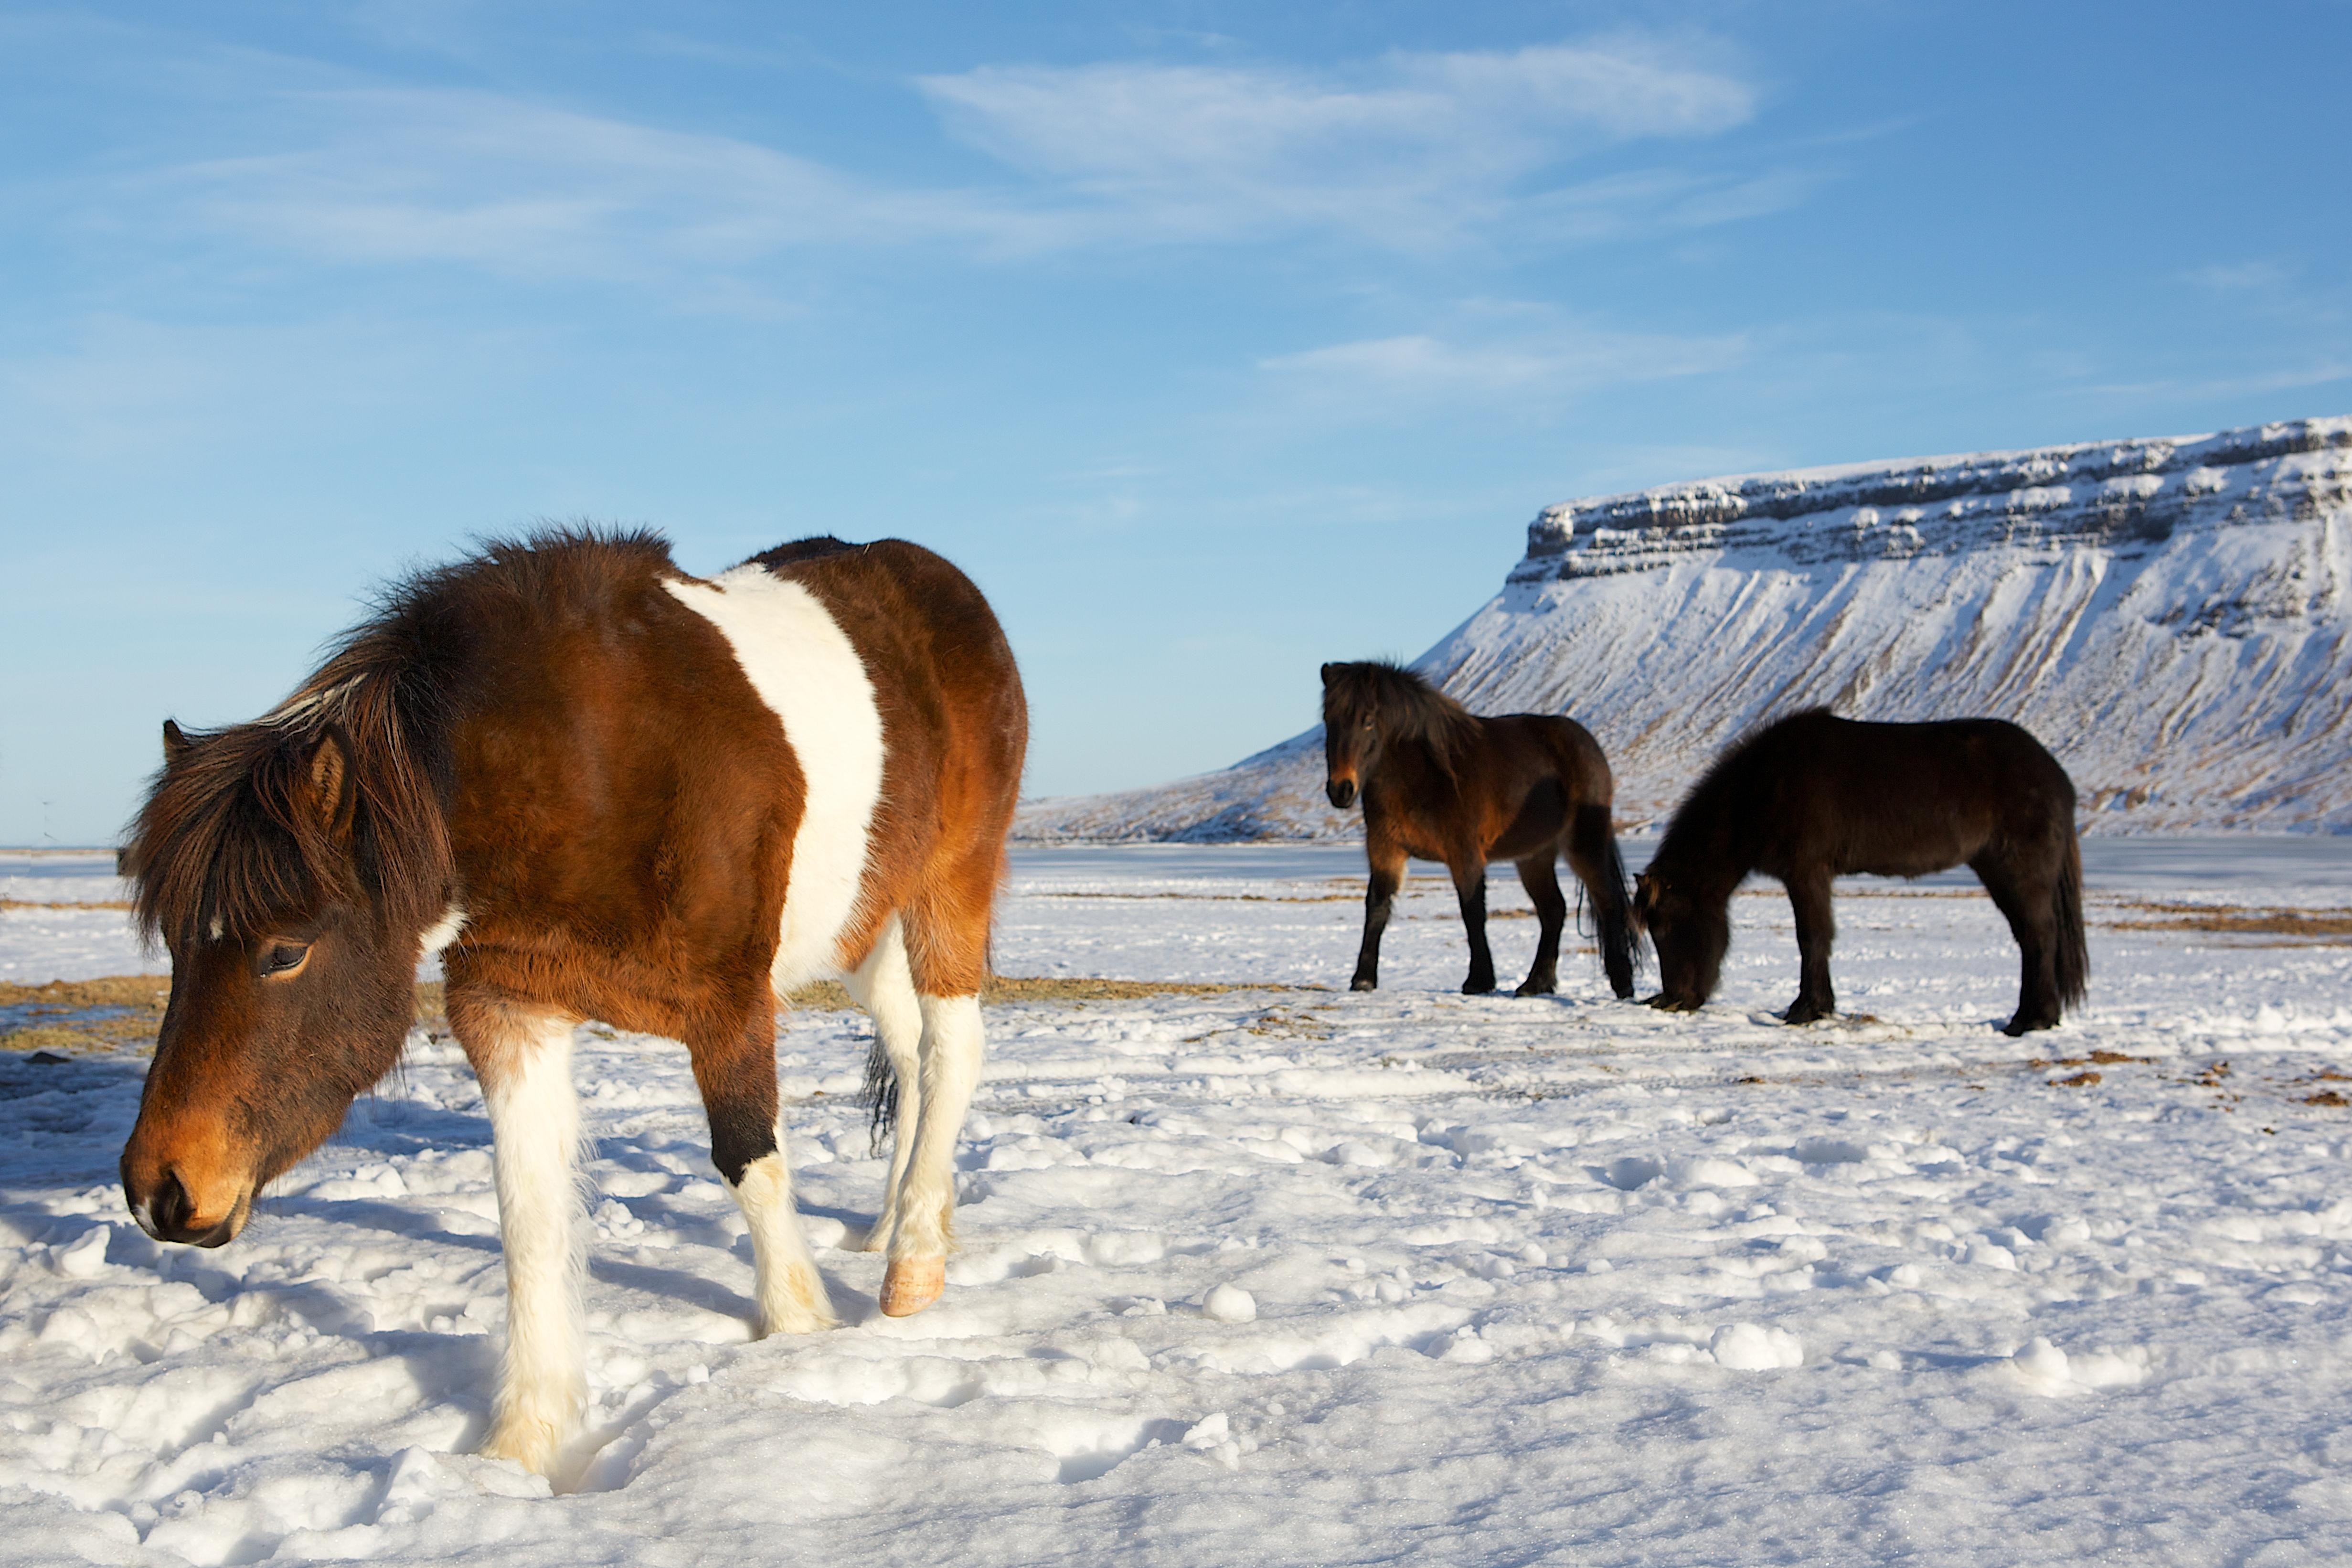 乐园游·北极 芬兰 冰岛18日16晚跟团游·北极熊王国极地探索